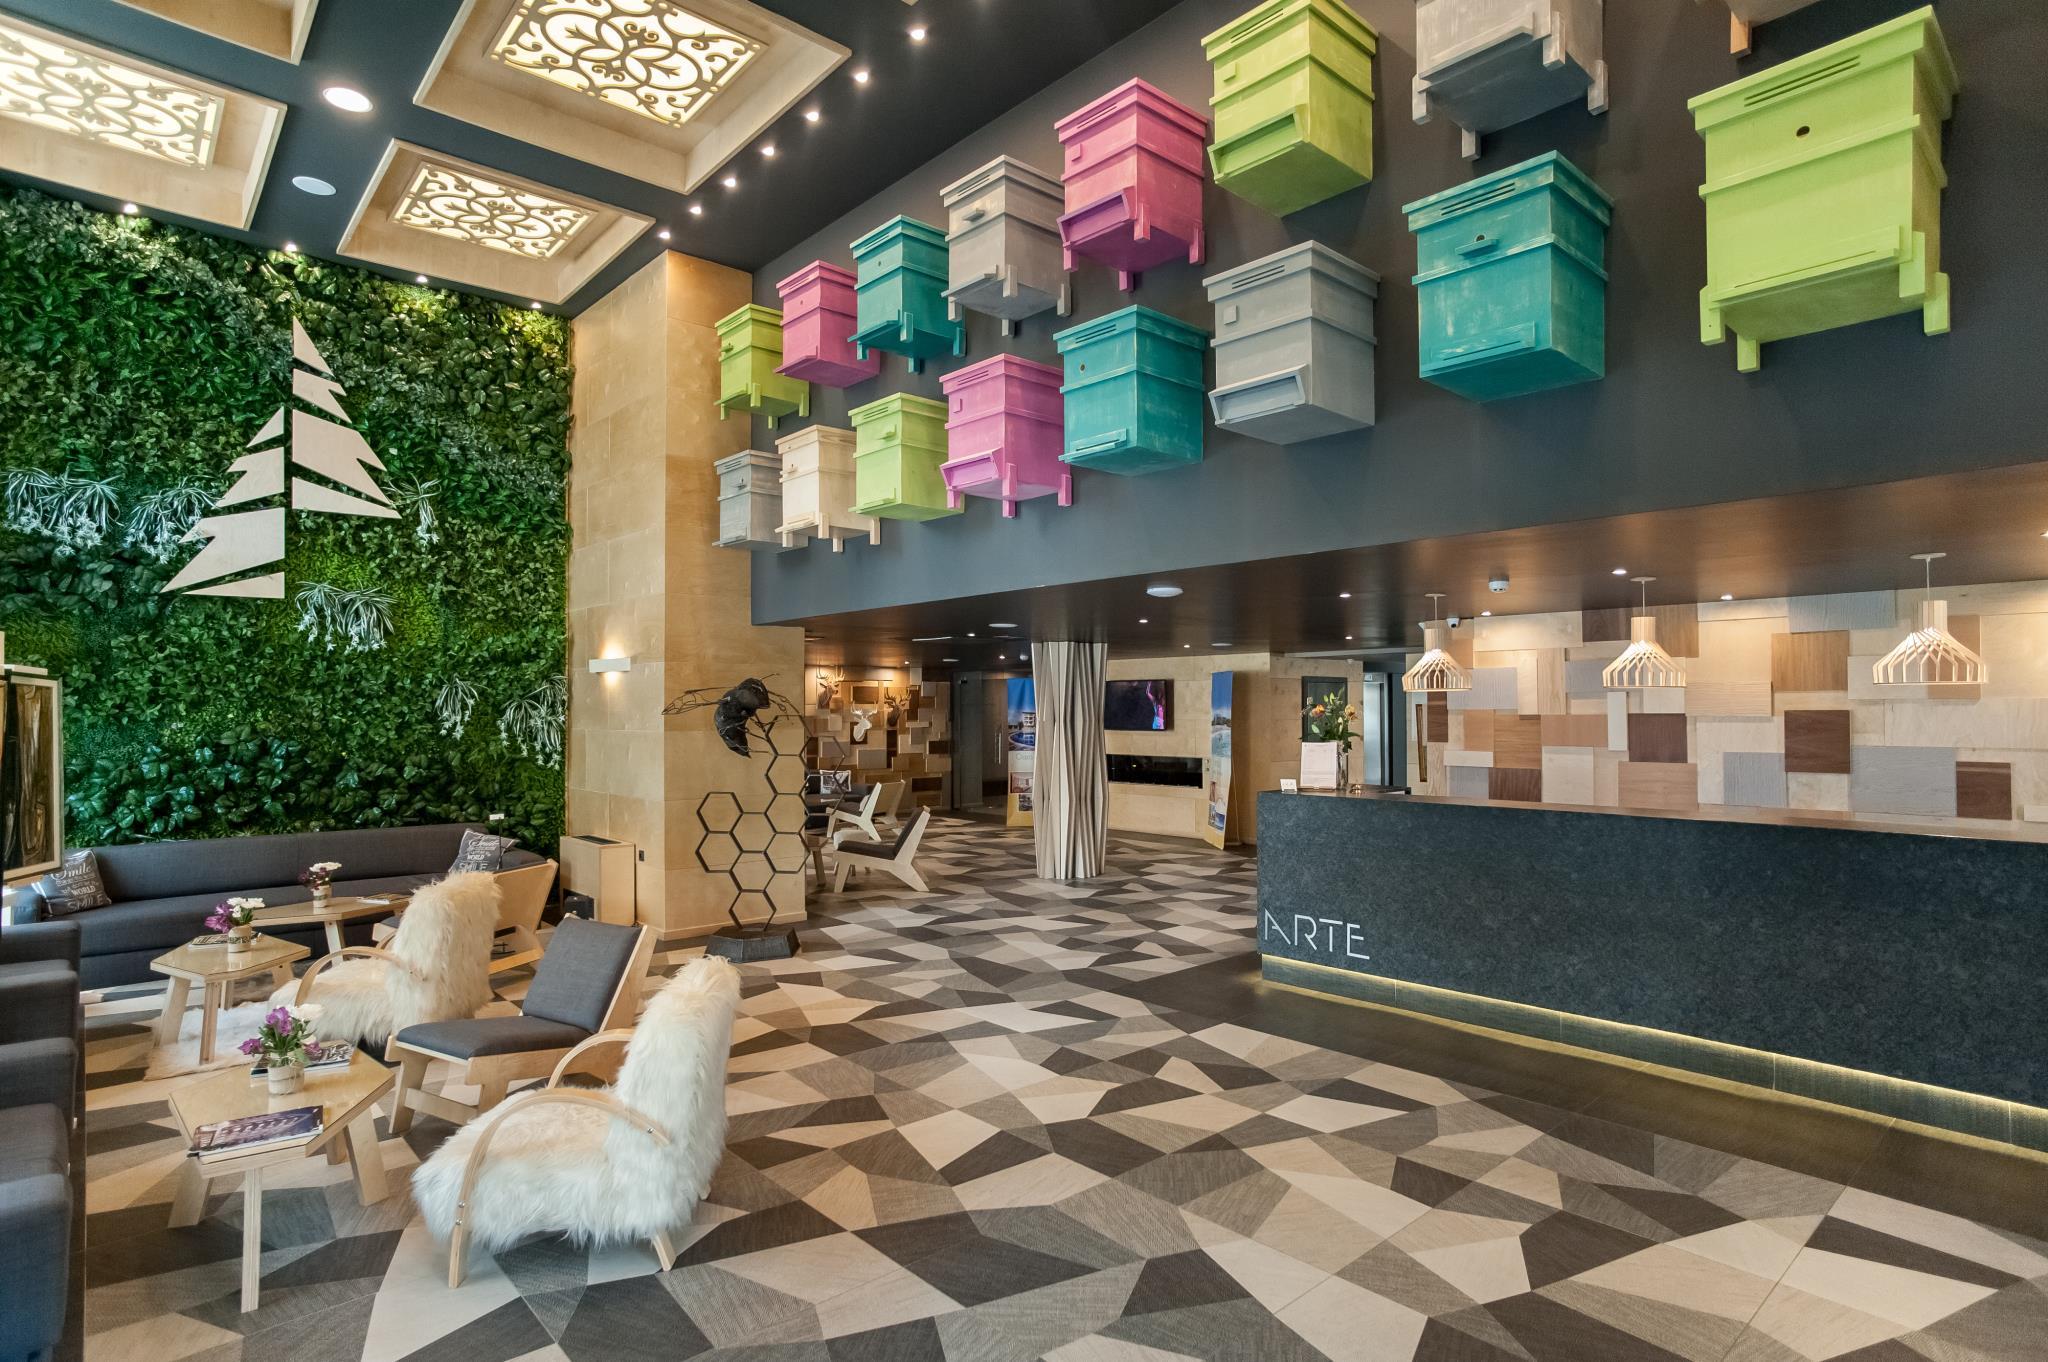 hotel-arte-velingrad